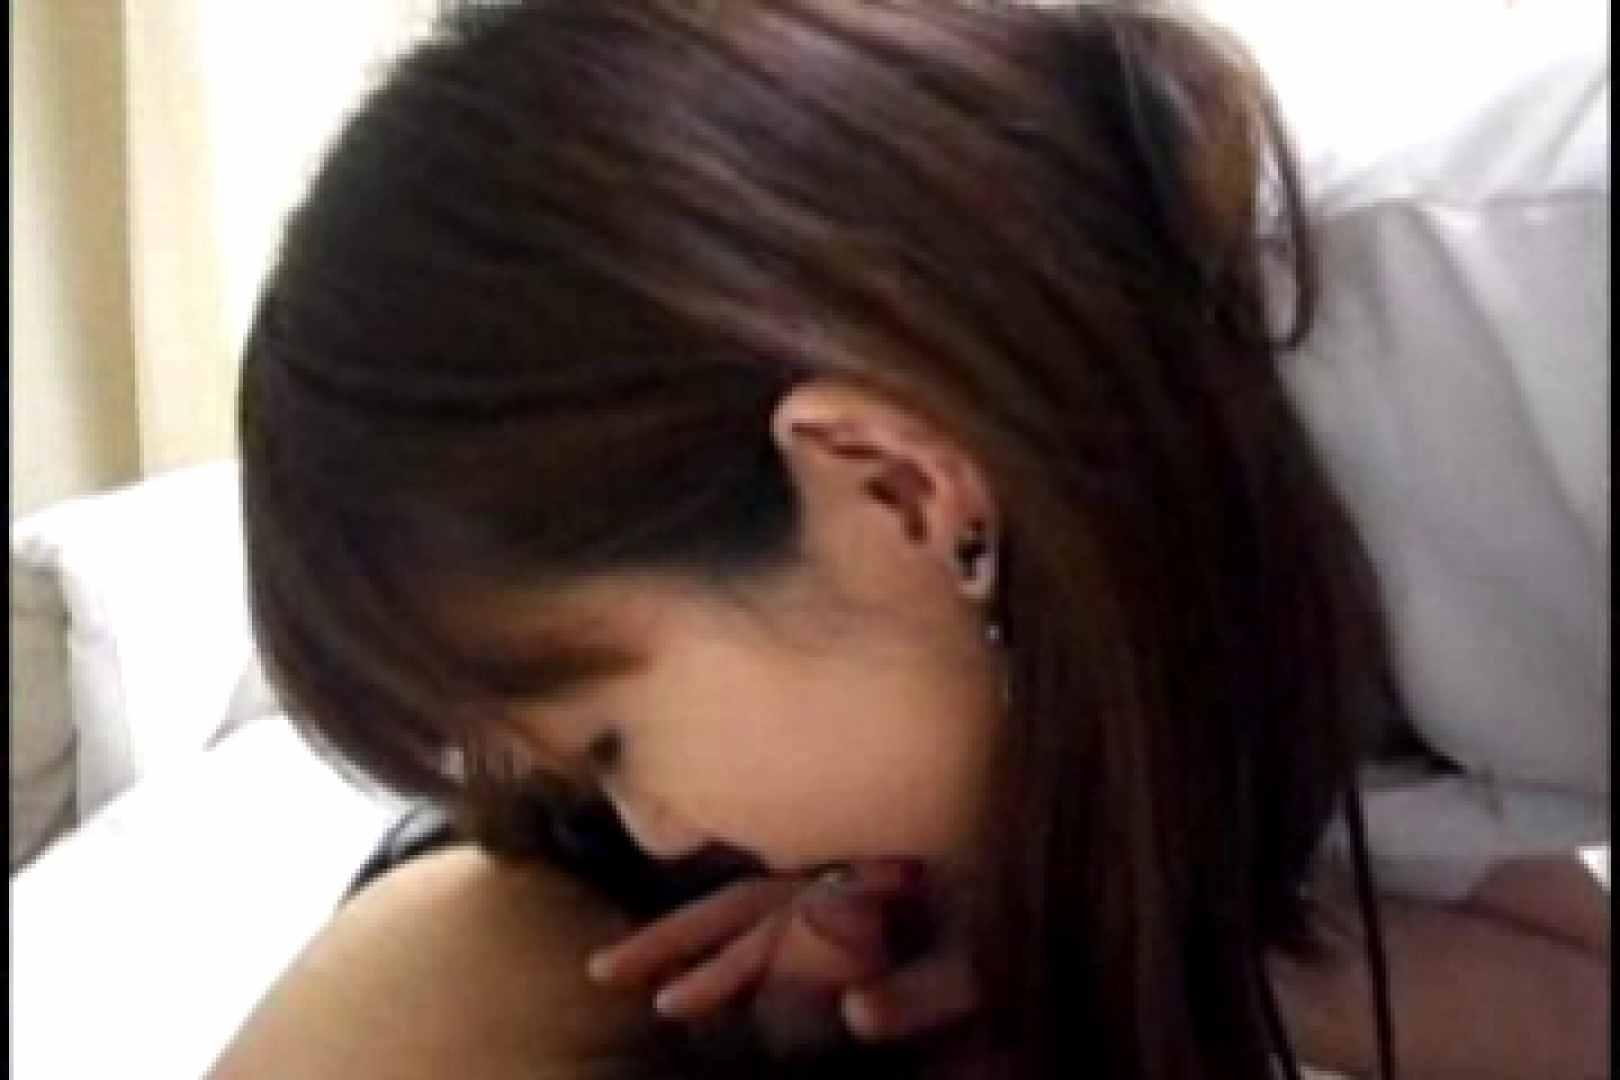 ヤリマンと呼ばれた看護士さんvol1 一般投稿   シックスナイン  93pic 67